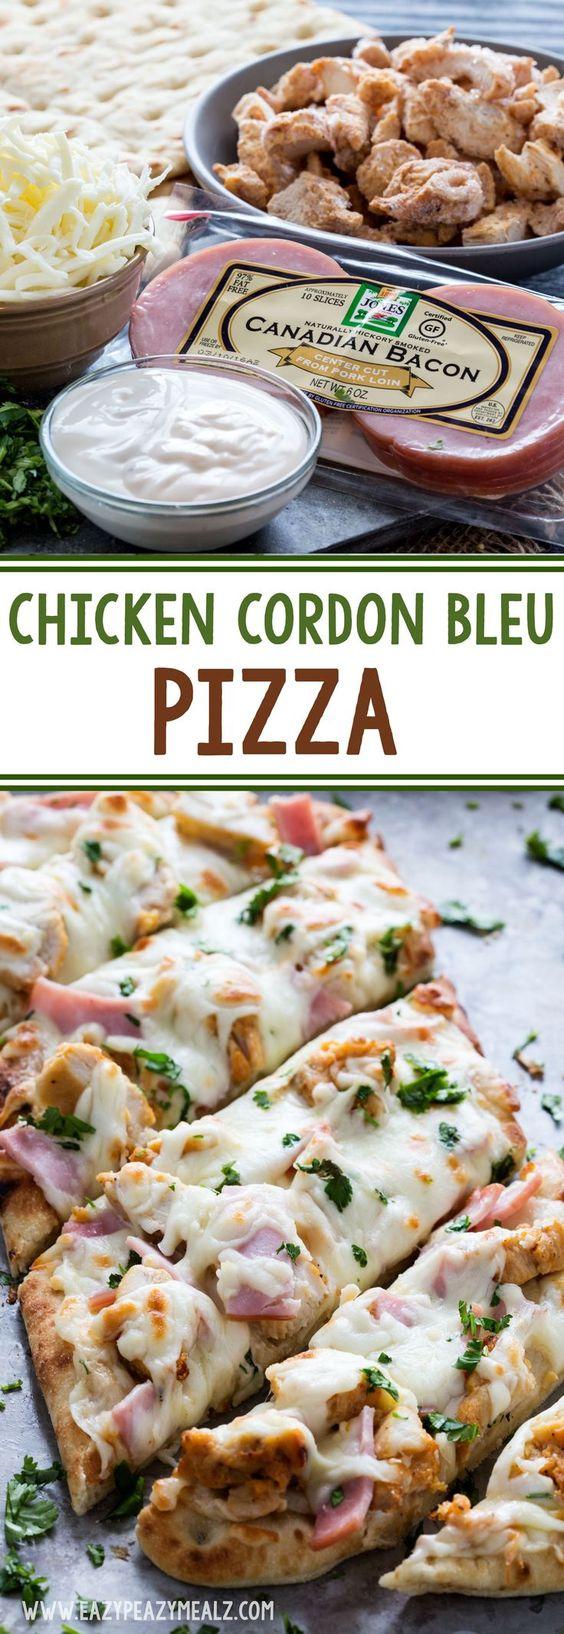 Chicken Cordon Bleu Pizza Recipe via Eazy Peazy Mealz - Chicken Cordon Bleu Pizza is quick, easy, and delicious.